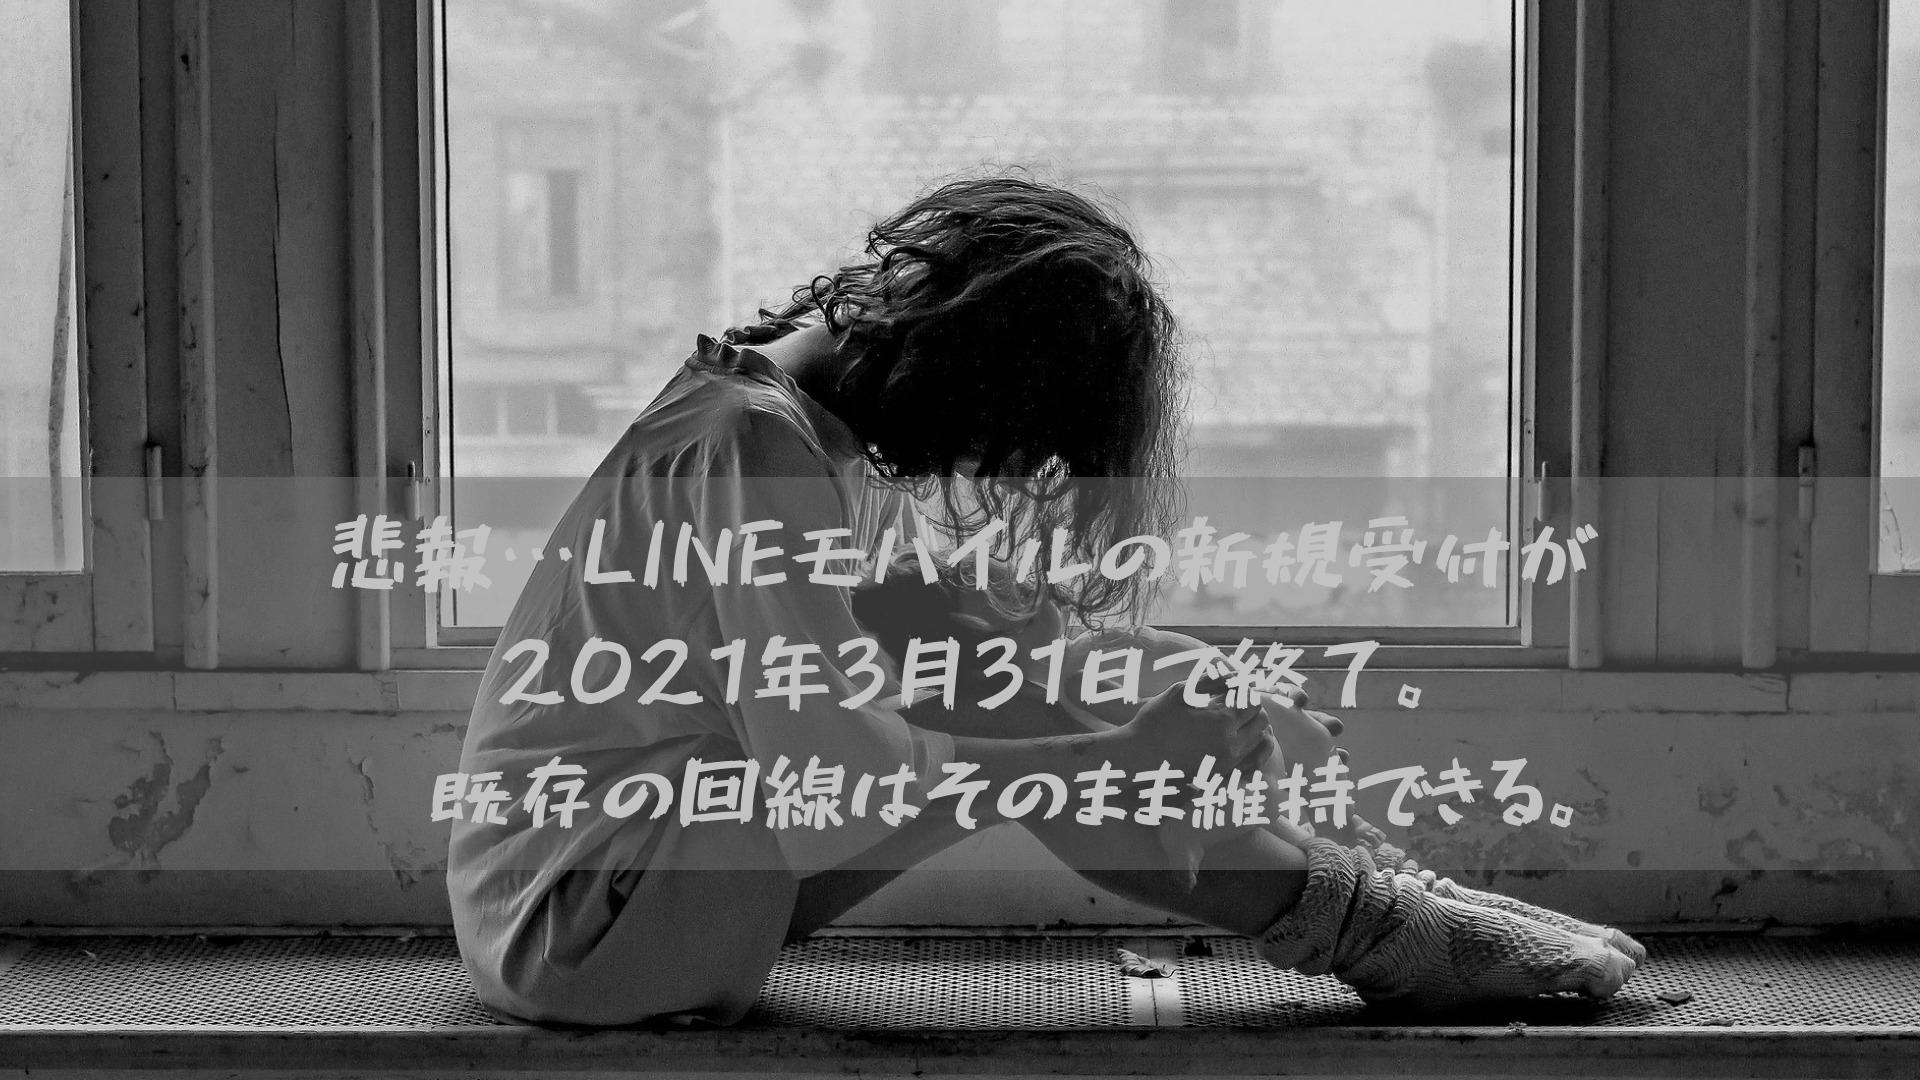 悲報…LINEモバイルの新規受付が2021年3月31日で終了。※既存の回線はそのまま維持できる。